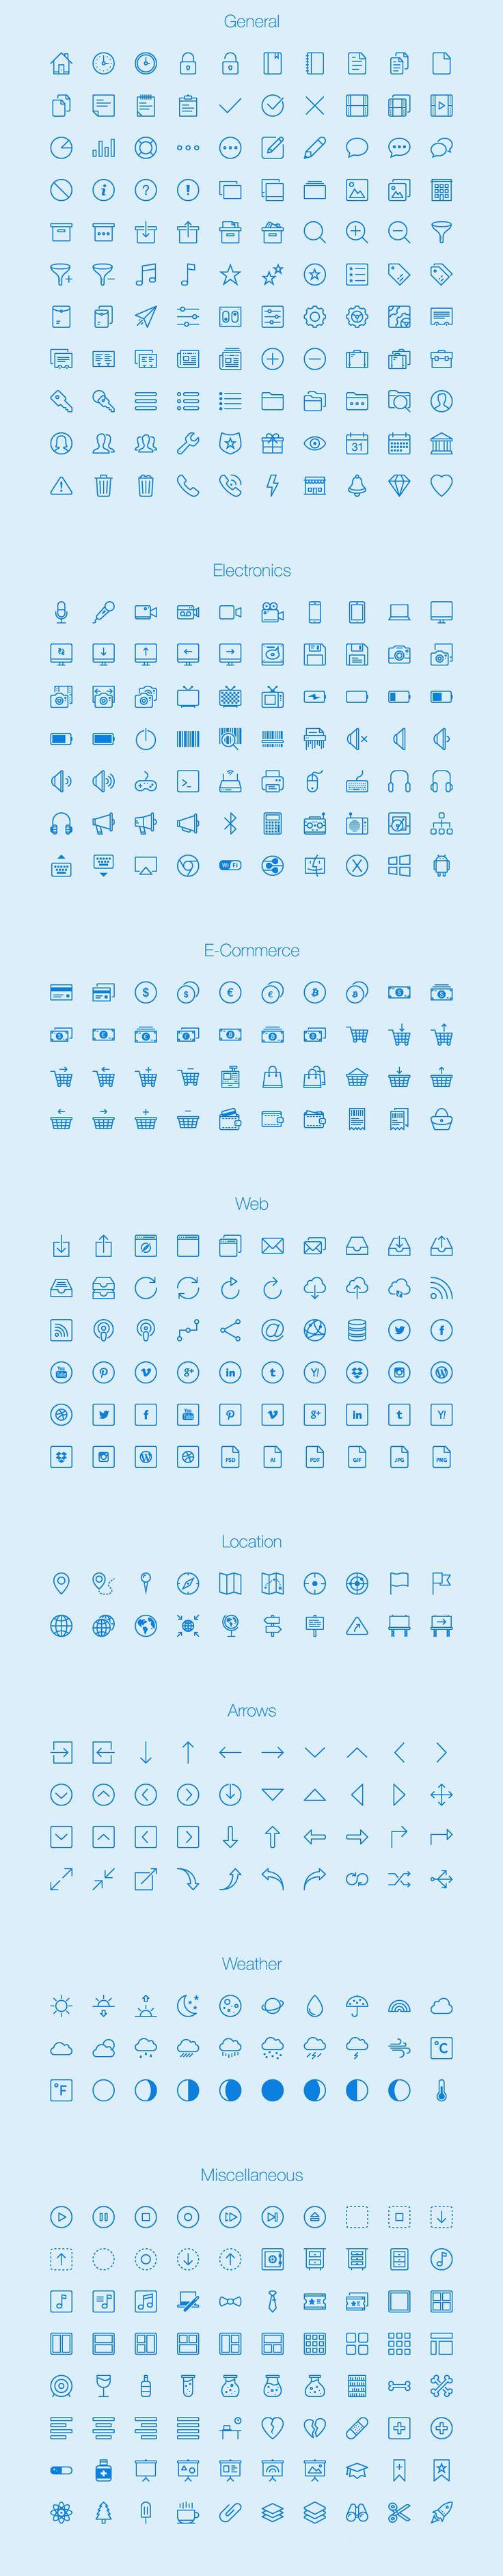 450-free-thin-icons